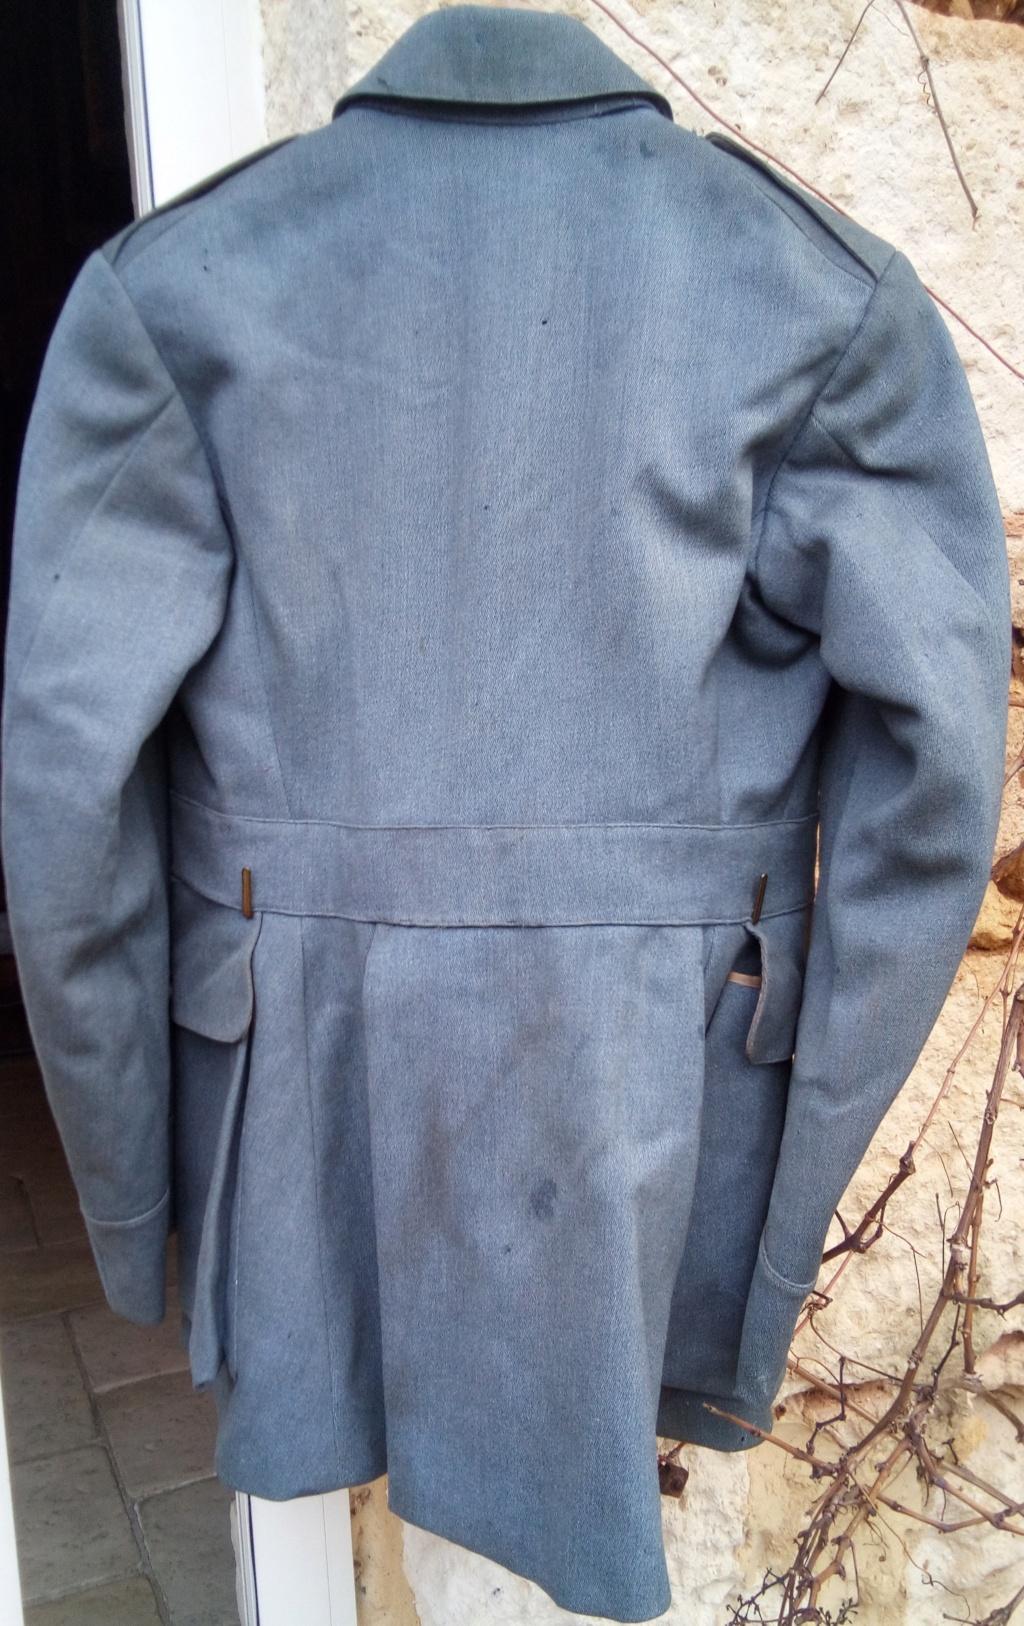 Brocante pluvieuse....Vareuse BH capitaine du 218 RAC, Brotbeutel regimenté Img_2625